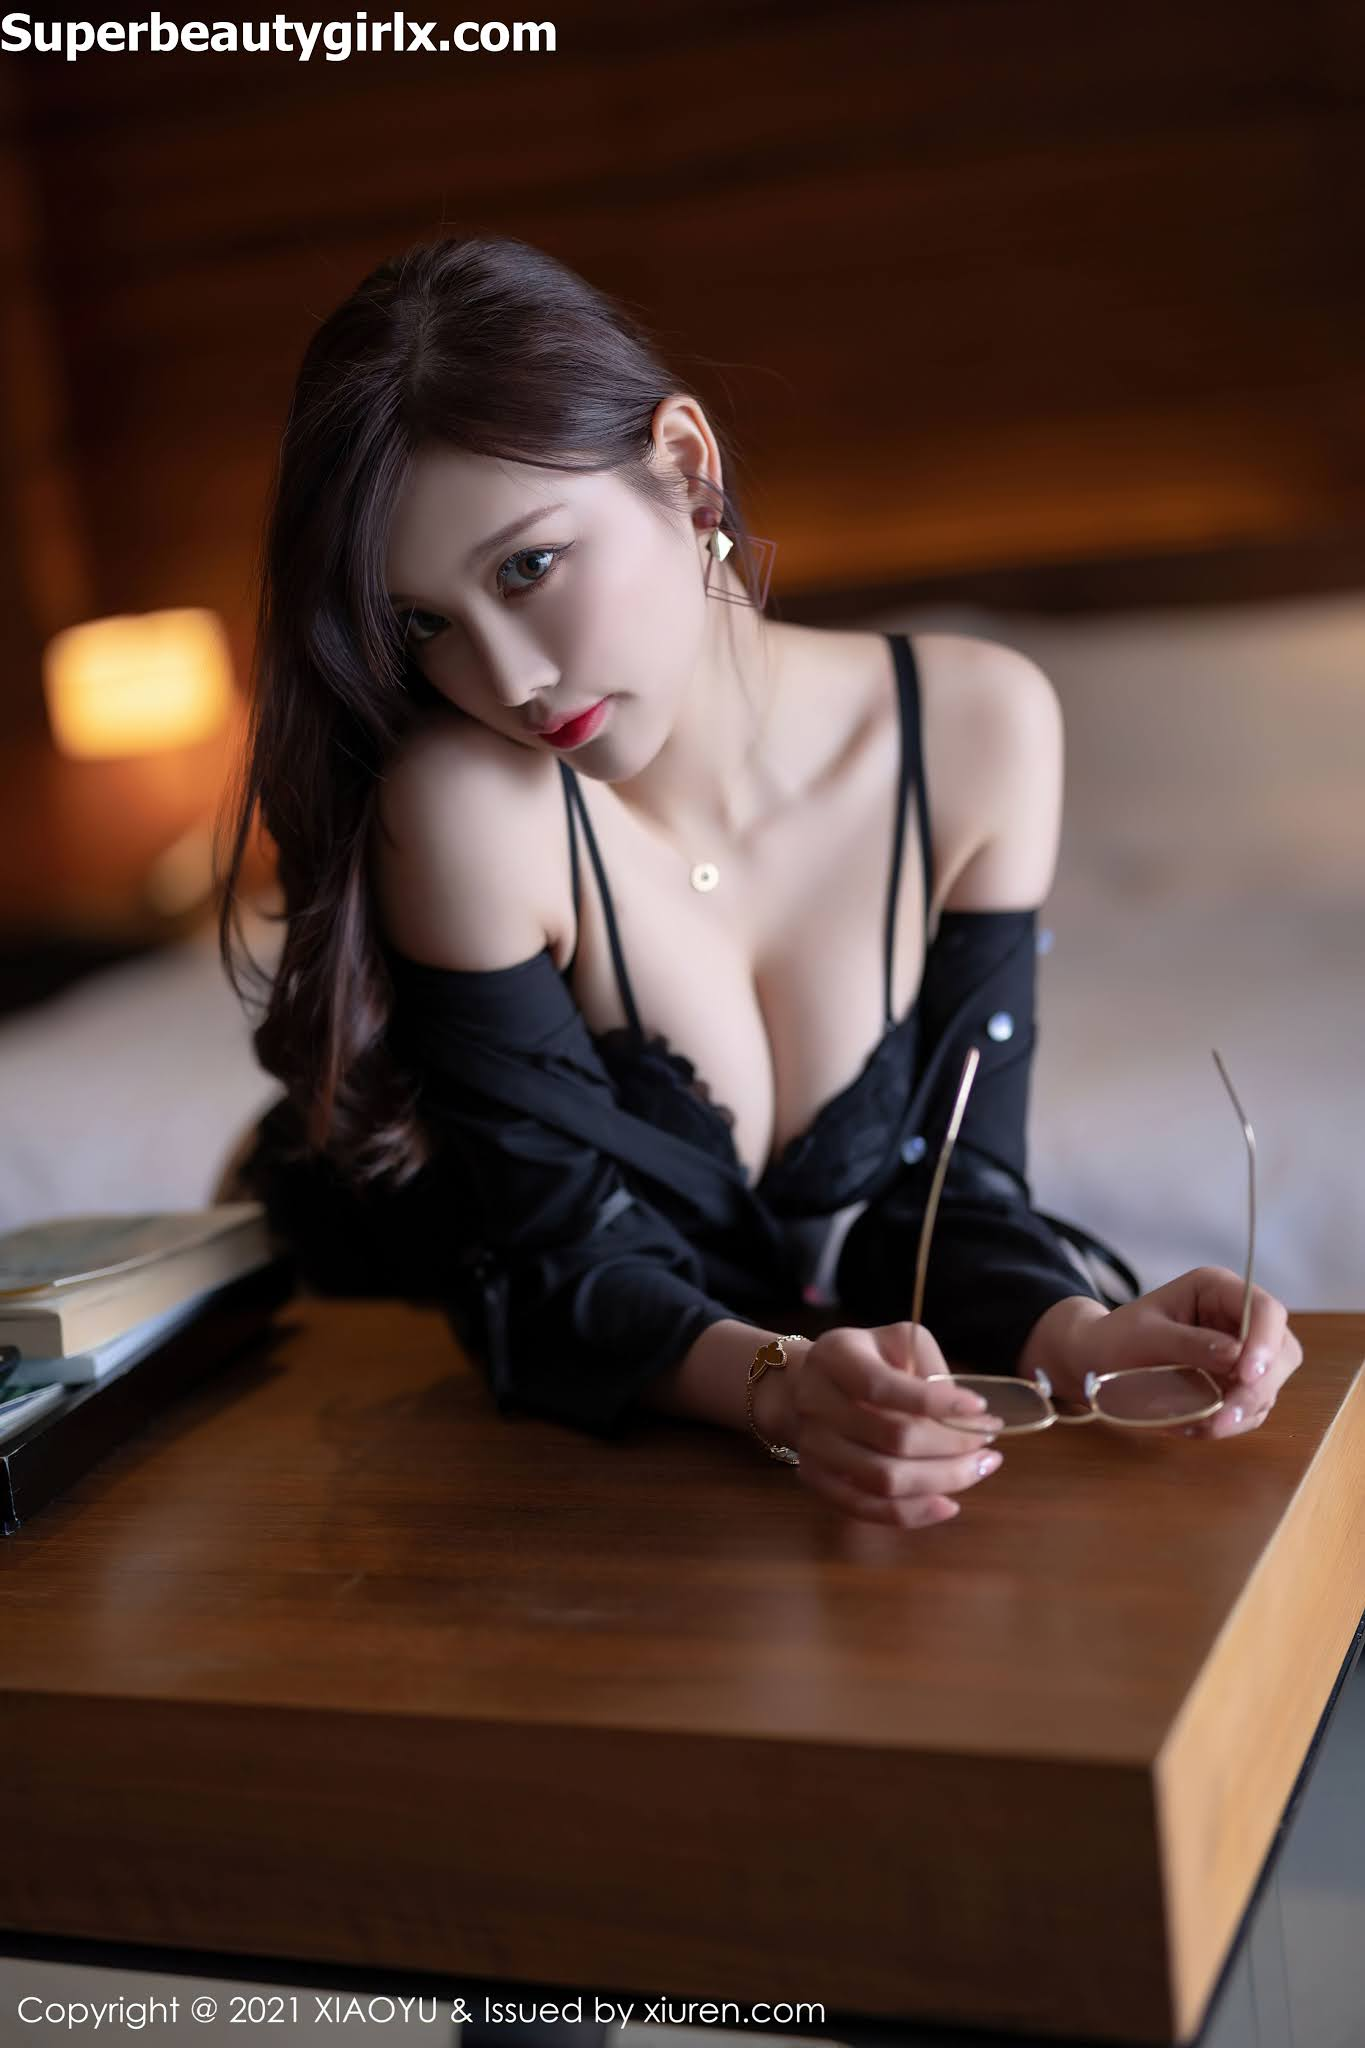 XiaoYu-Vol.523-Yang-Chen-Chen-Yome-Superbeautygirlx.com